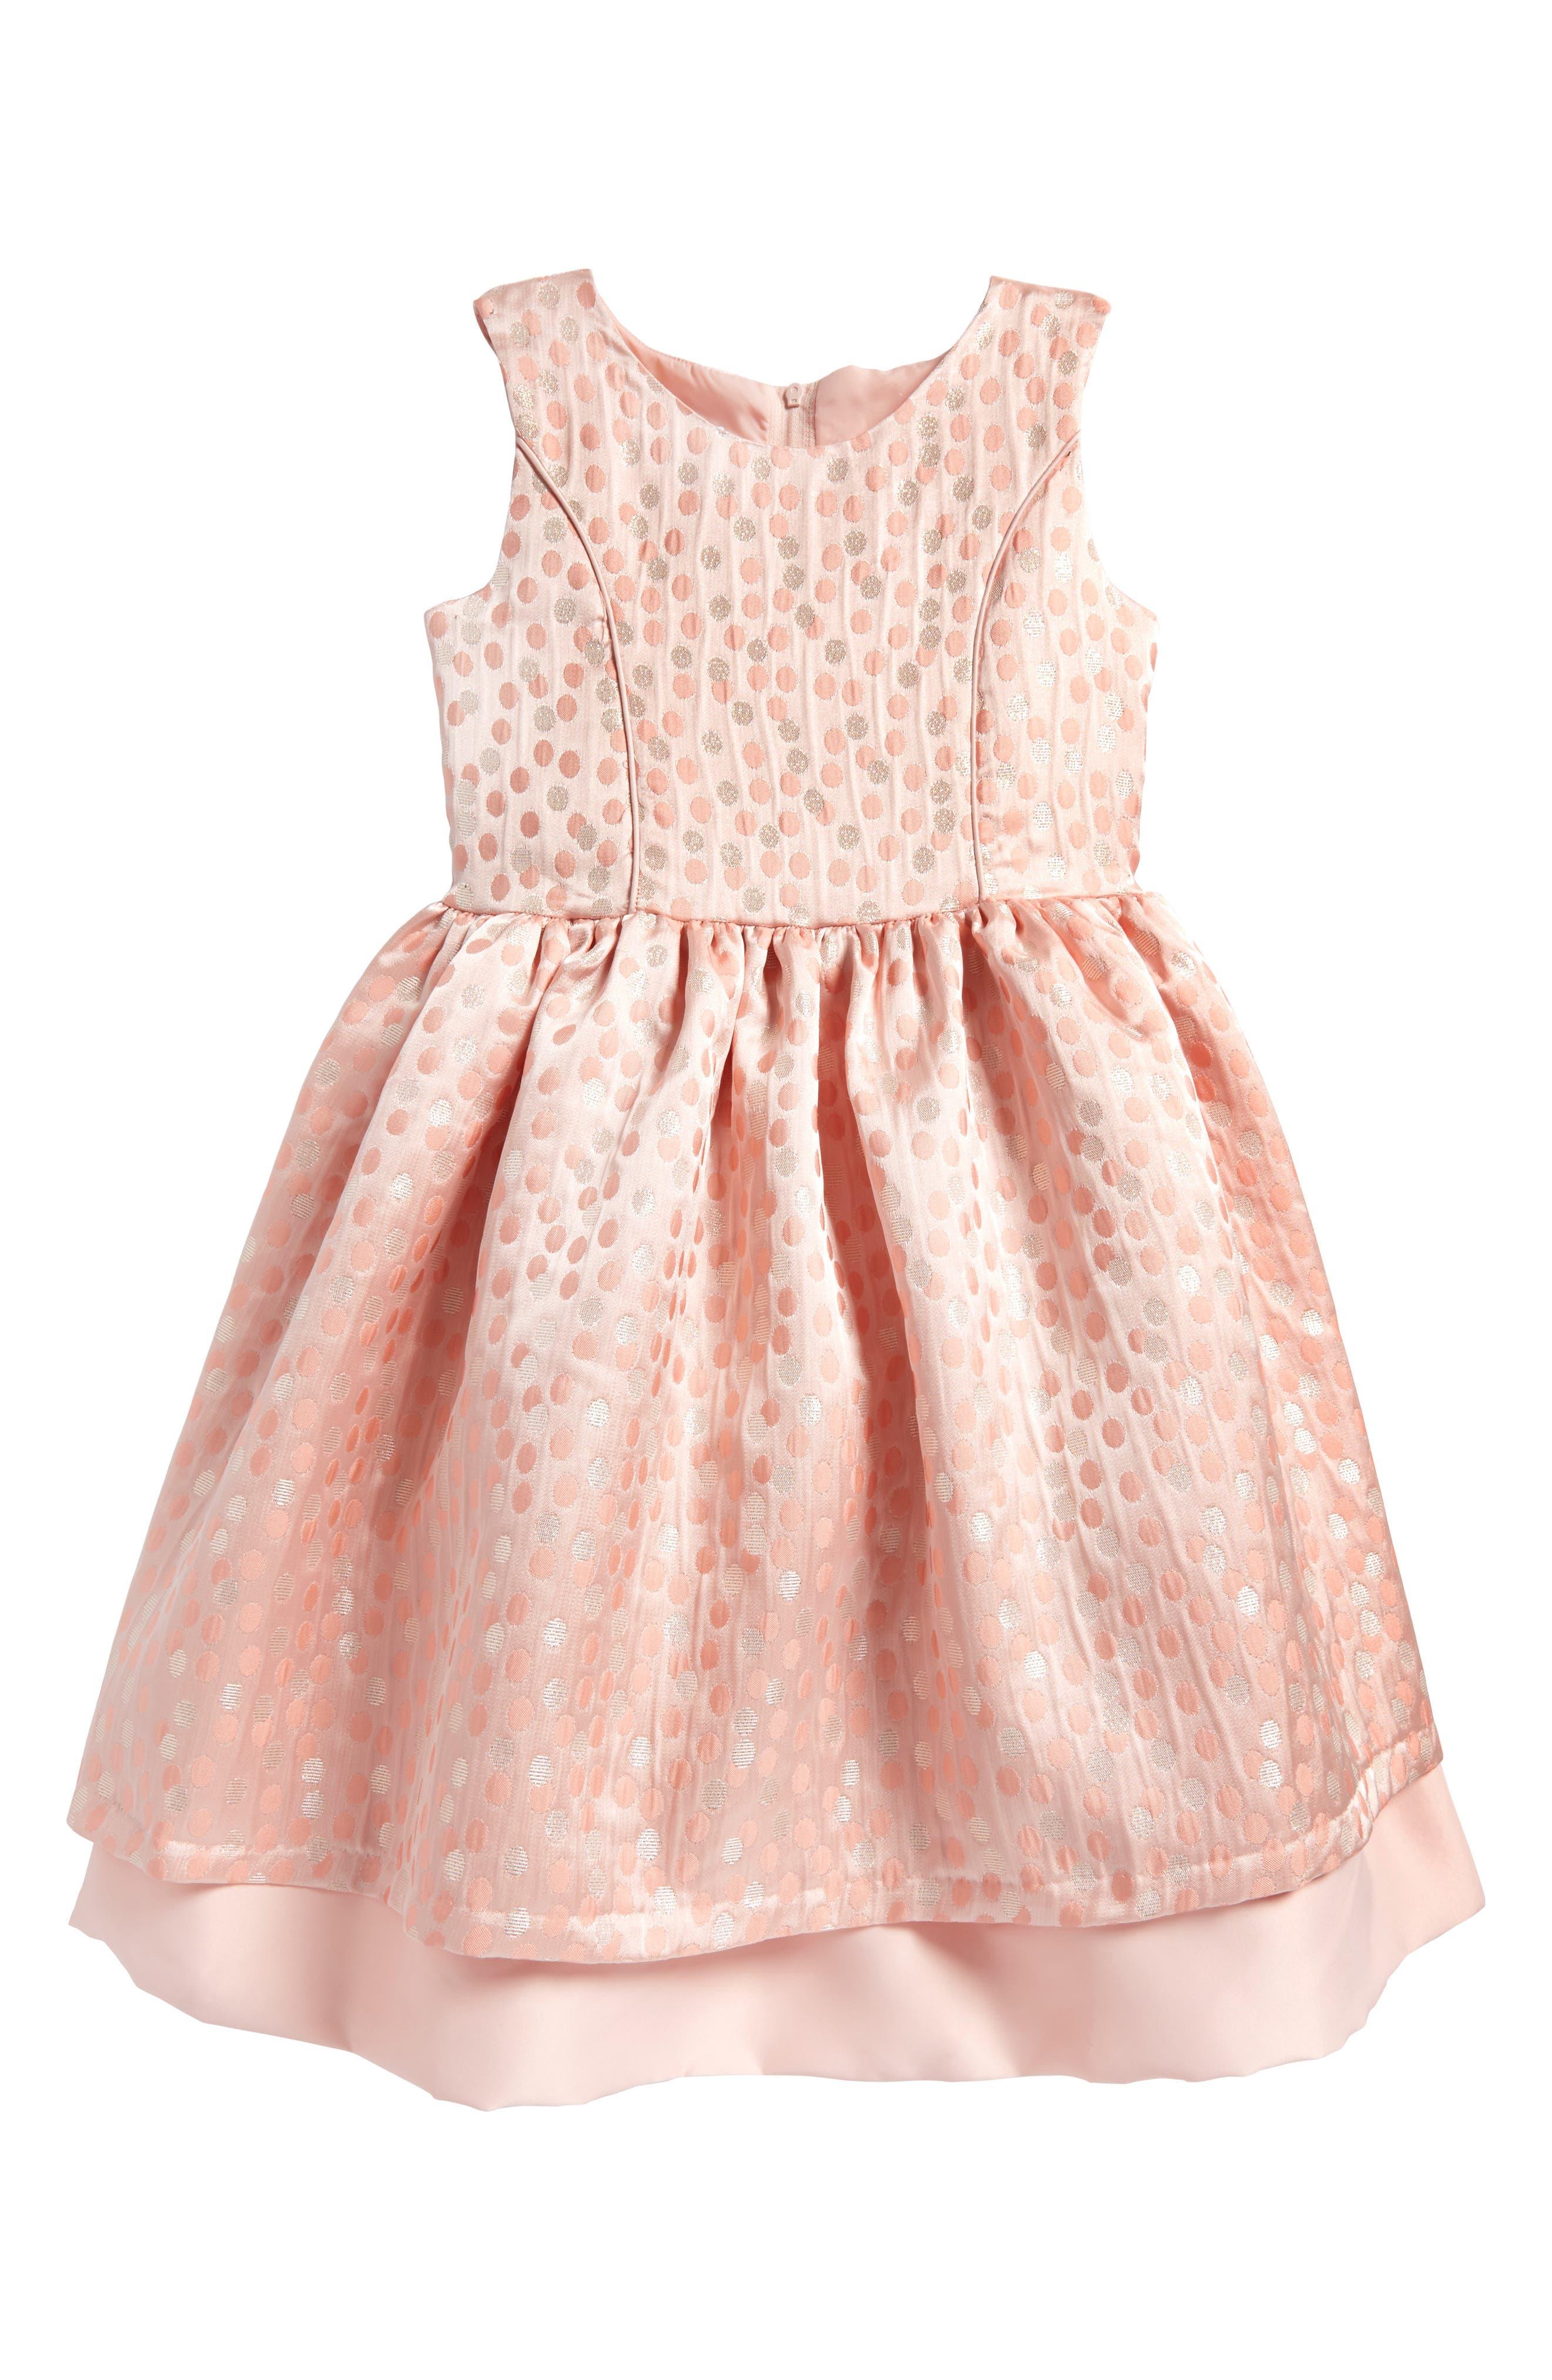 Metallic Dot Jacquard Dress,                             Main thumbnail 1, color,                             950